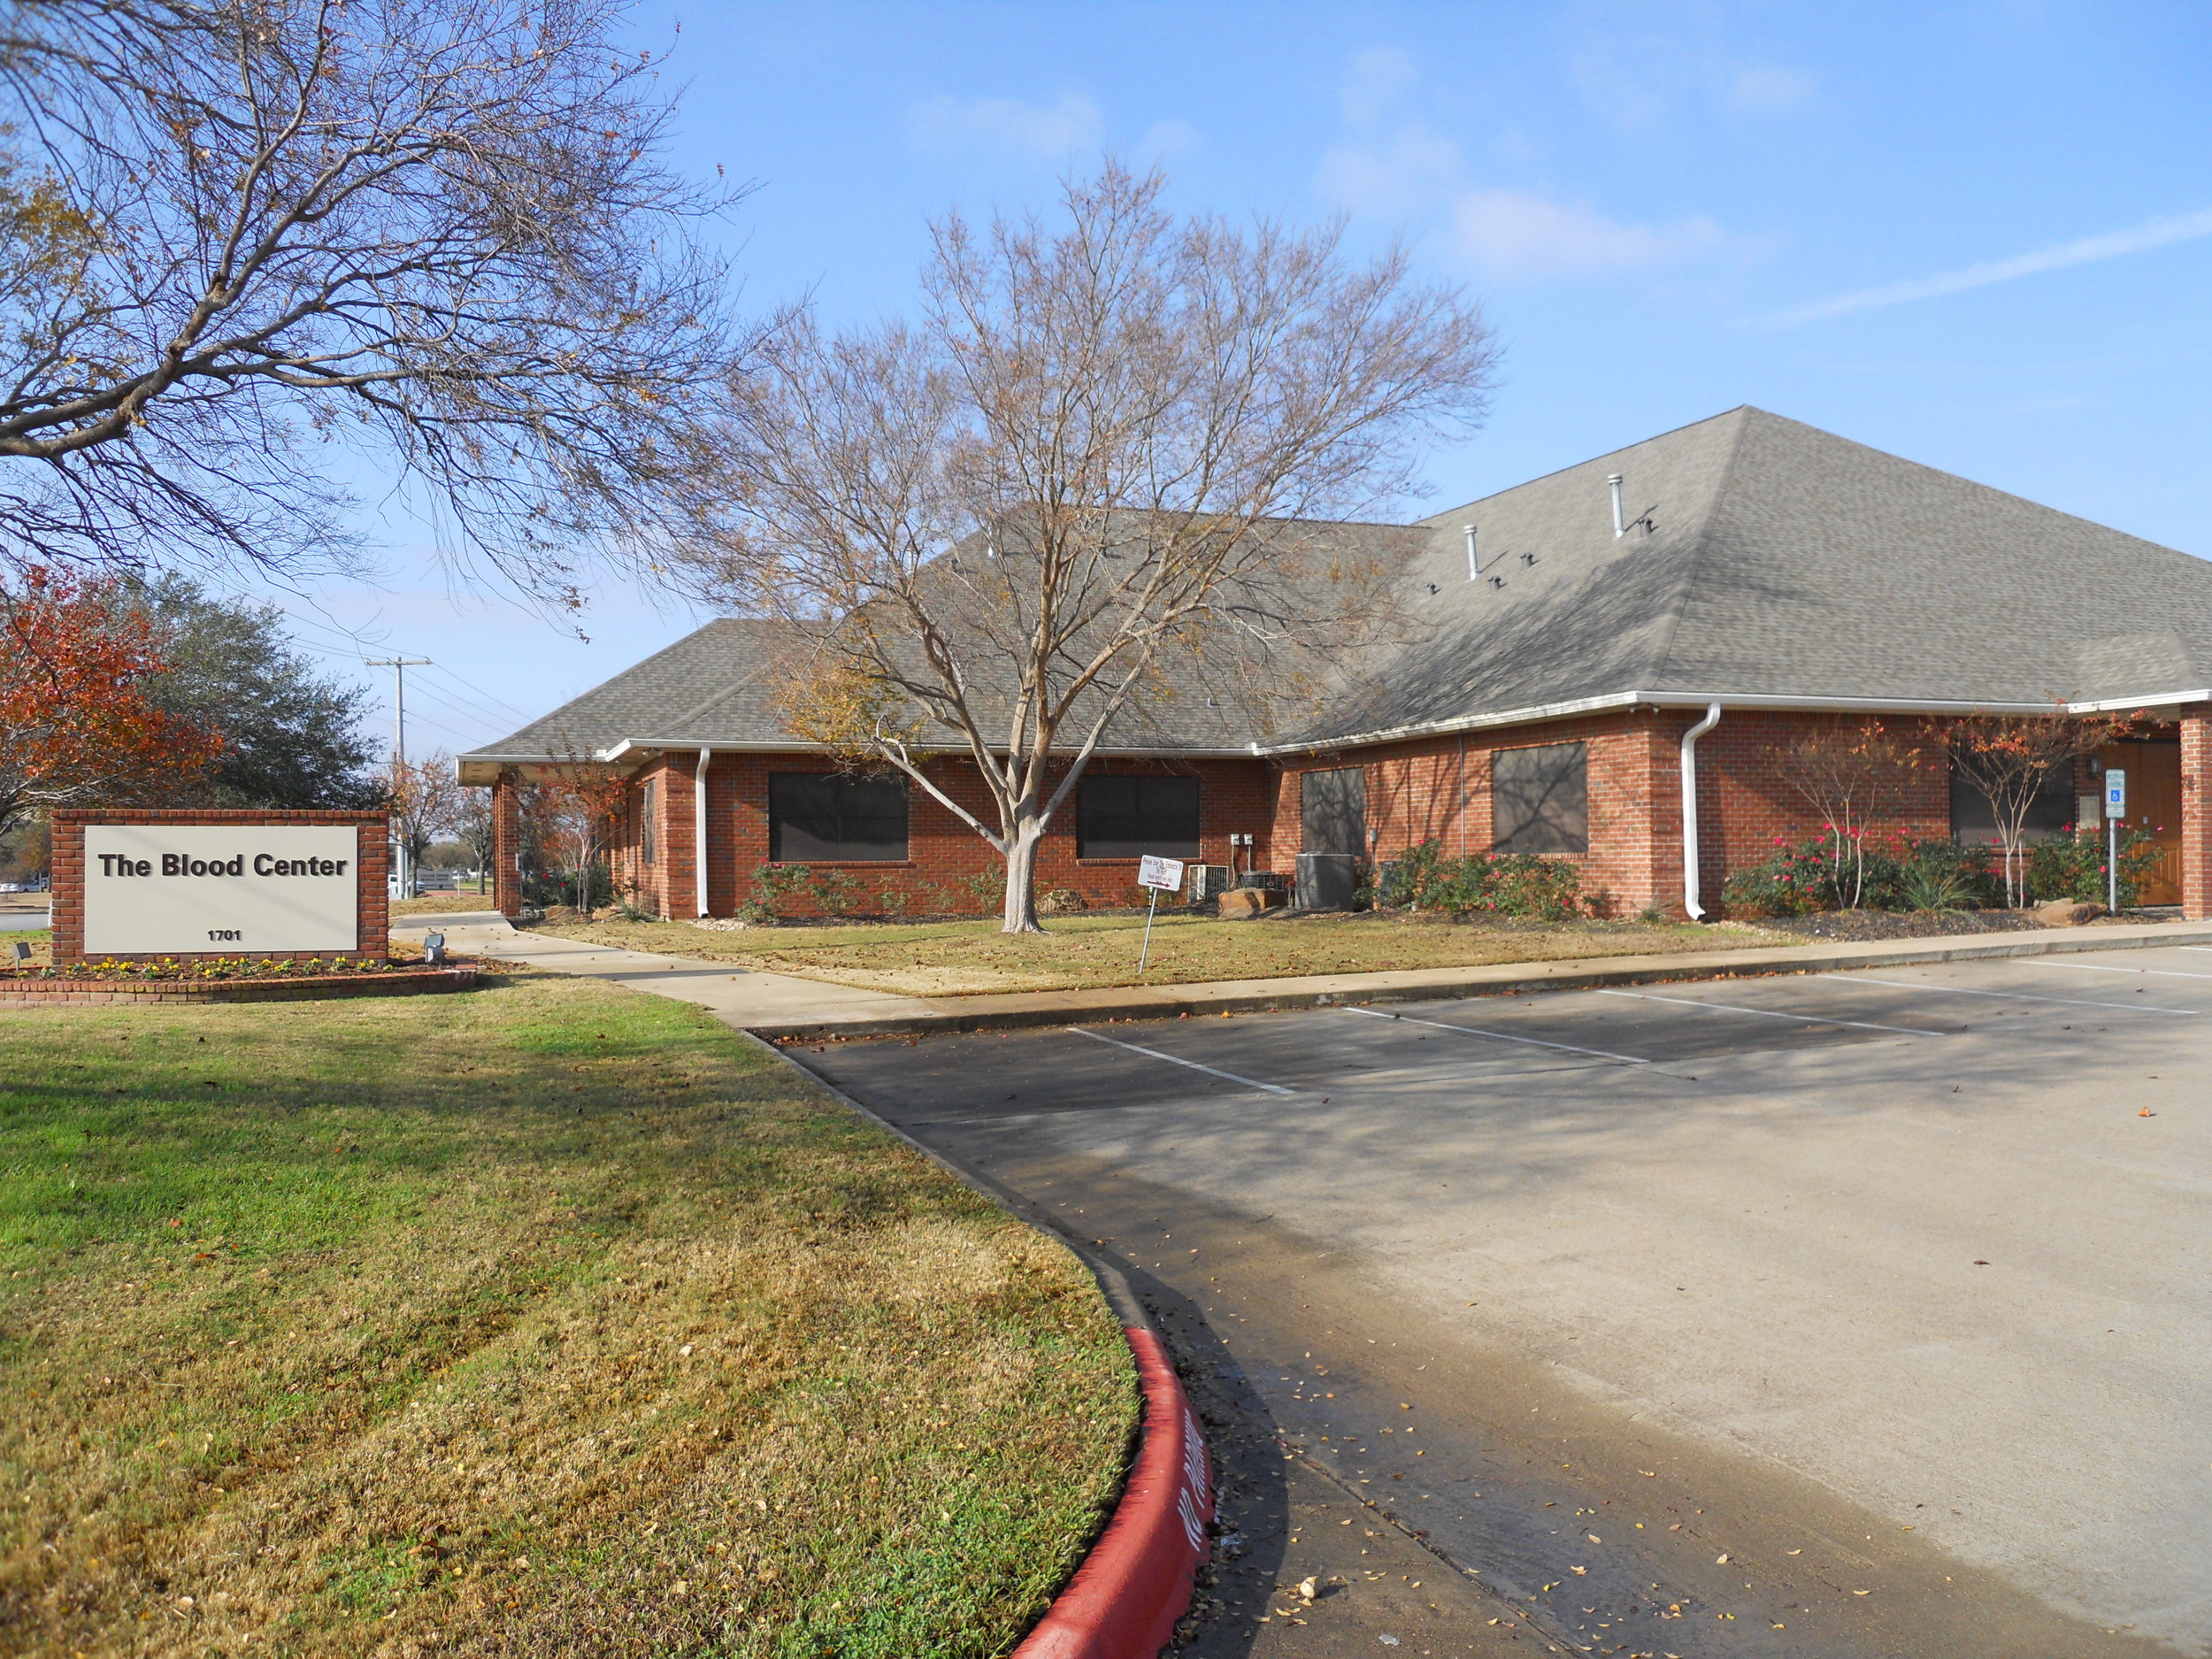 Gulf Coast Regional Blood Center   1701 ROCK PRAIRIE RD. COLLEGE STATION, TX 77845